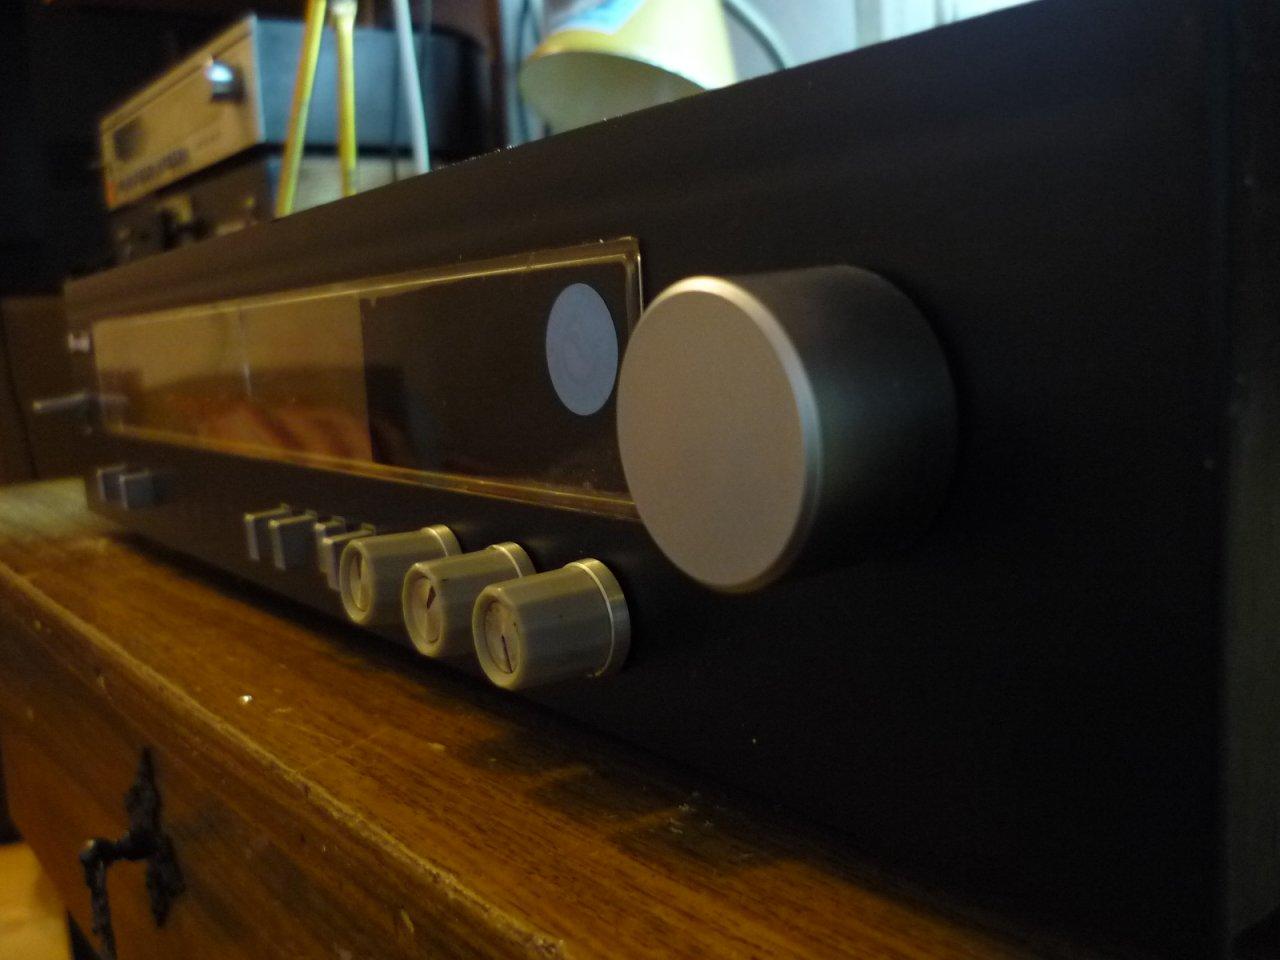 схема усилителя звука на транзисторах tda 7294